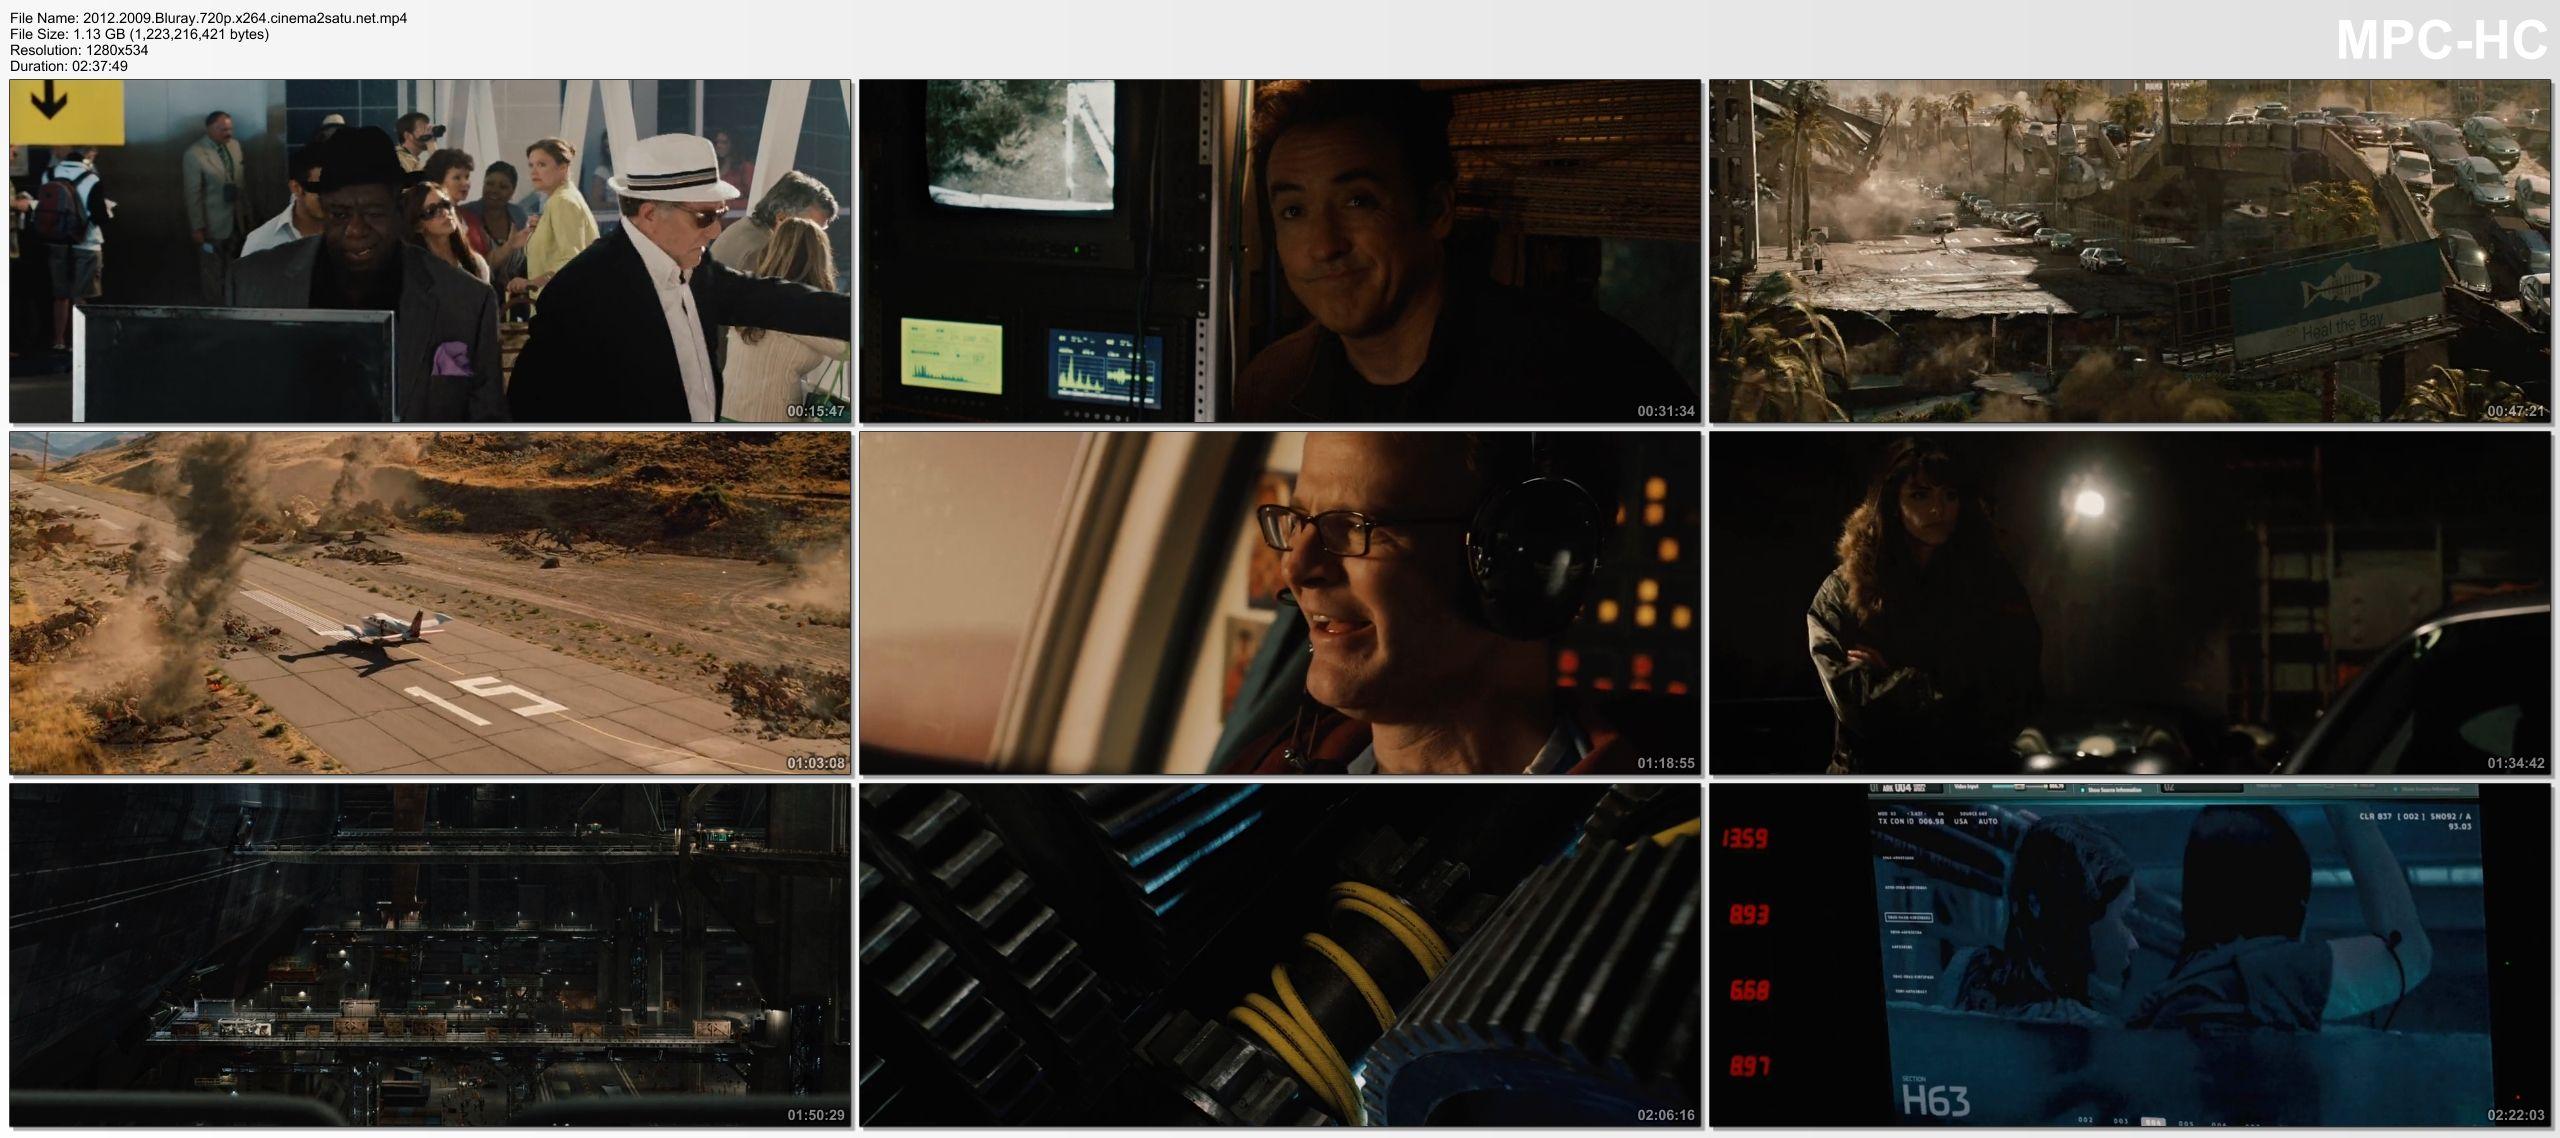 2012 2009 Bluray 720p